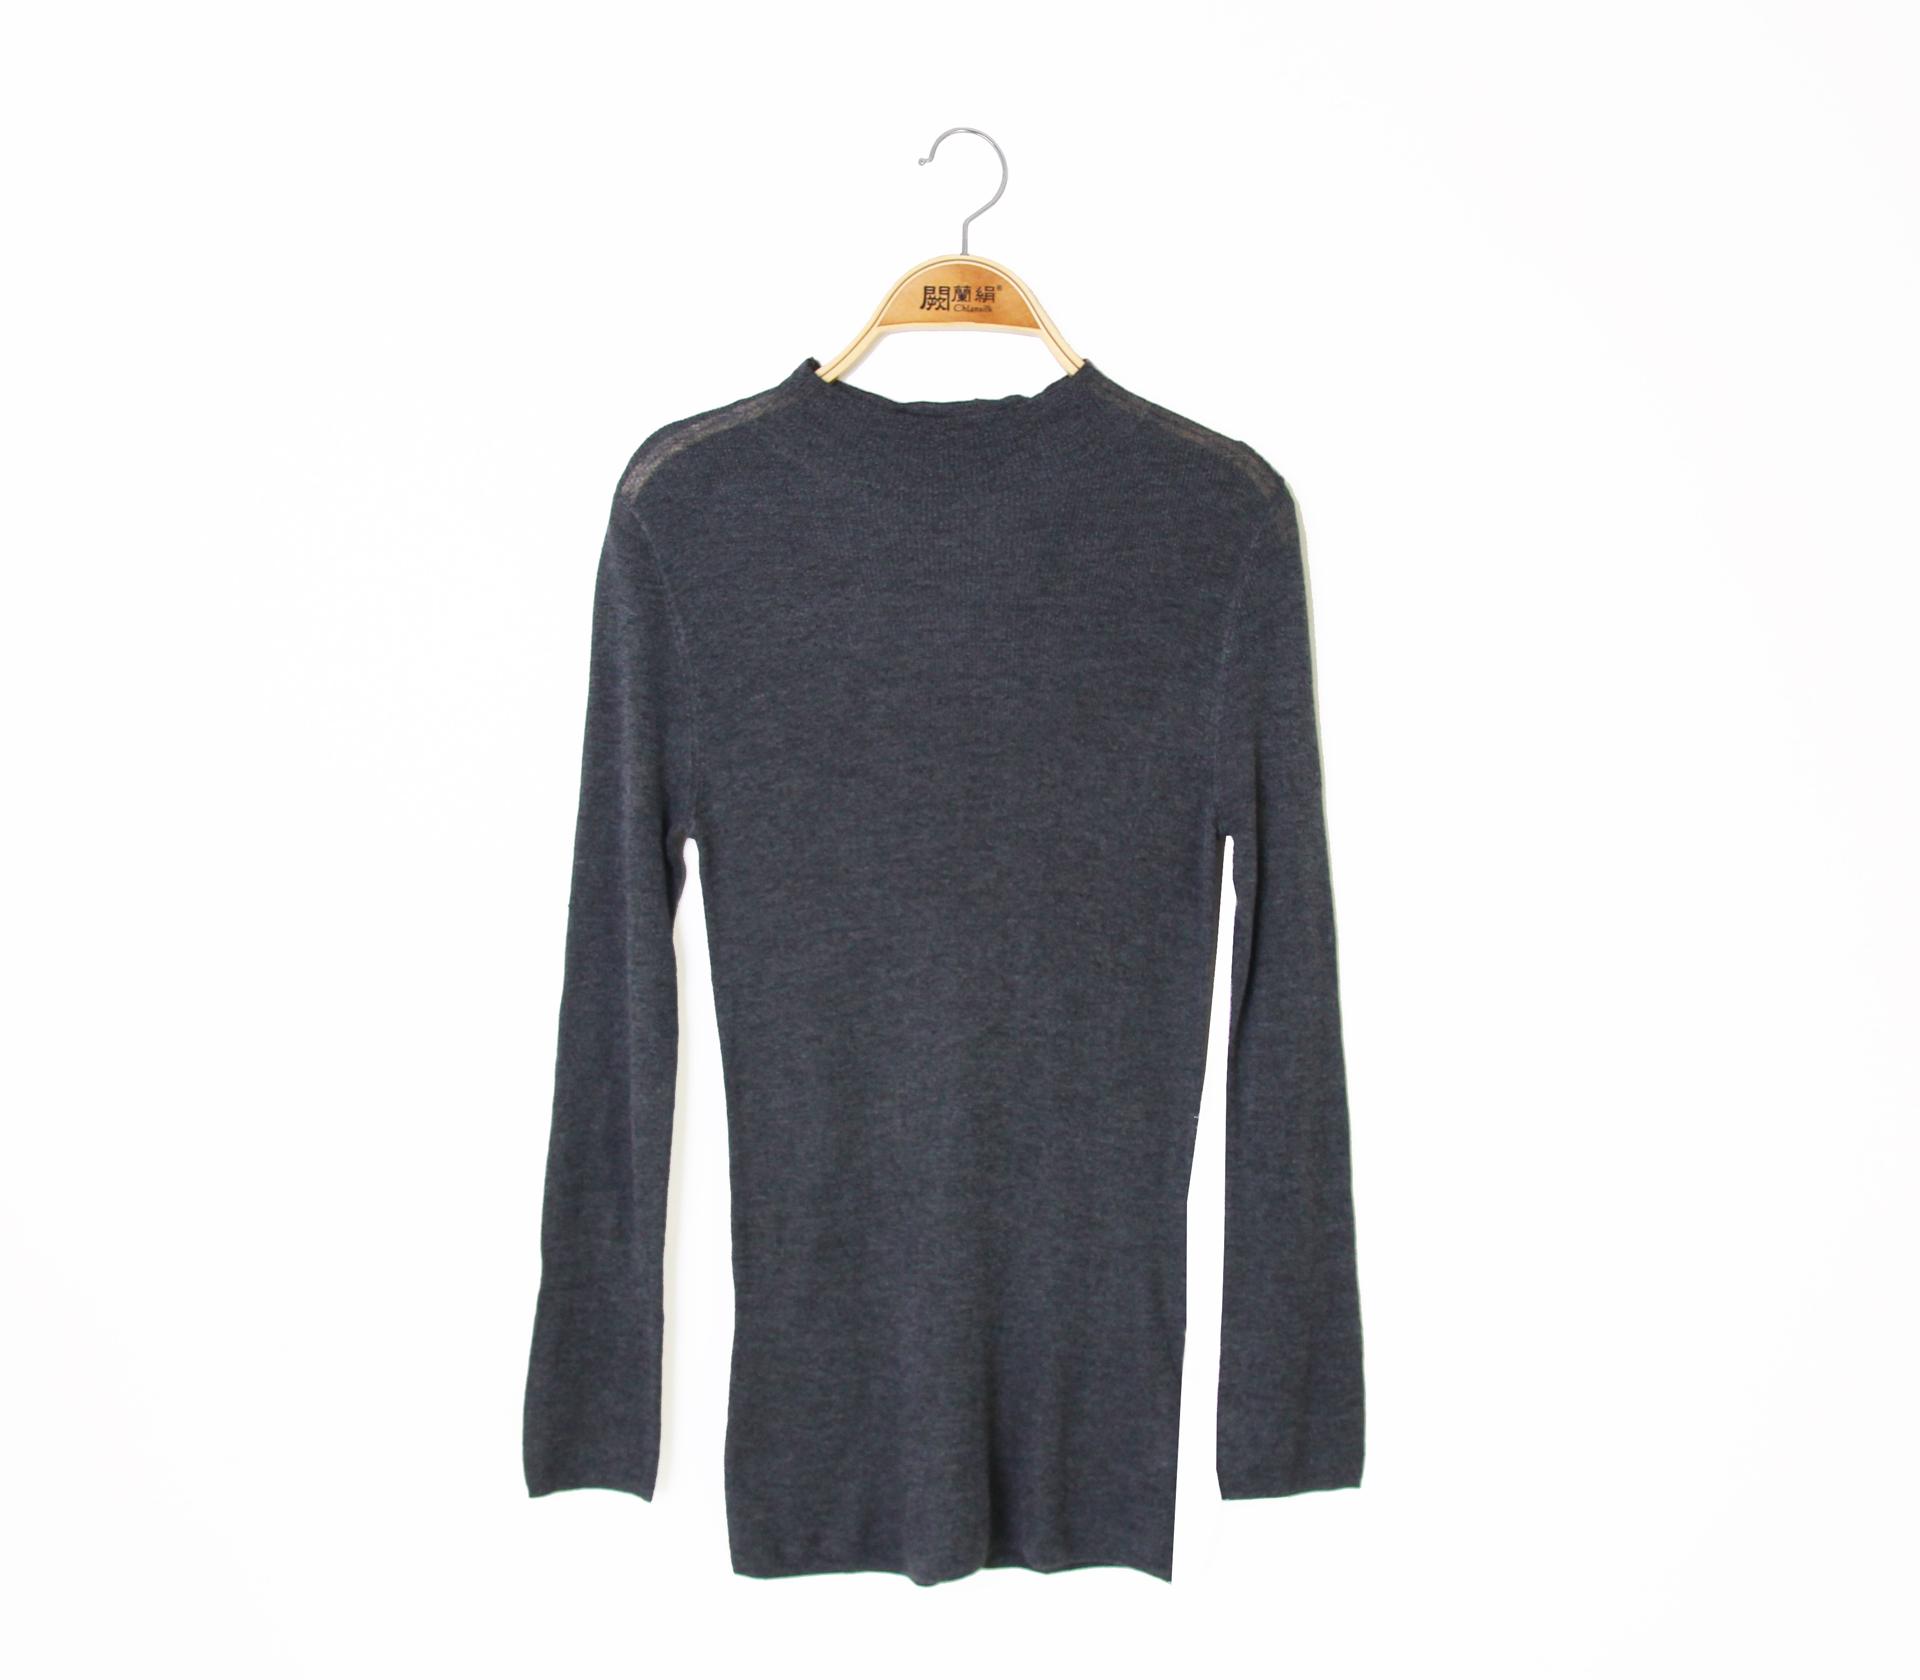 闕蘭絹修身百搭小高領蠶絲羊絨針織上衣 - 灰色 - 6626